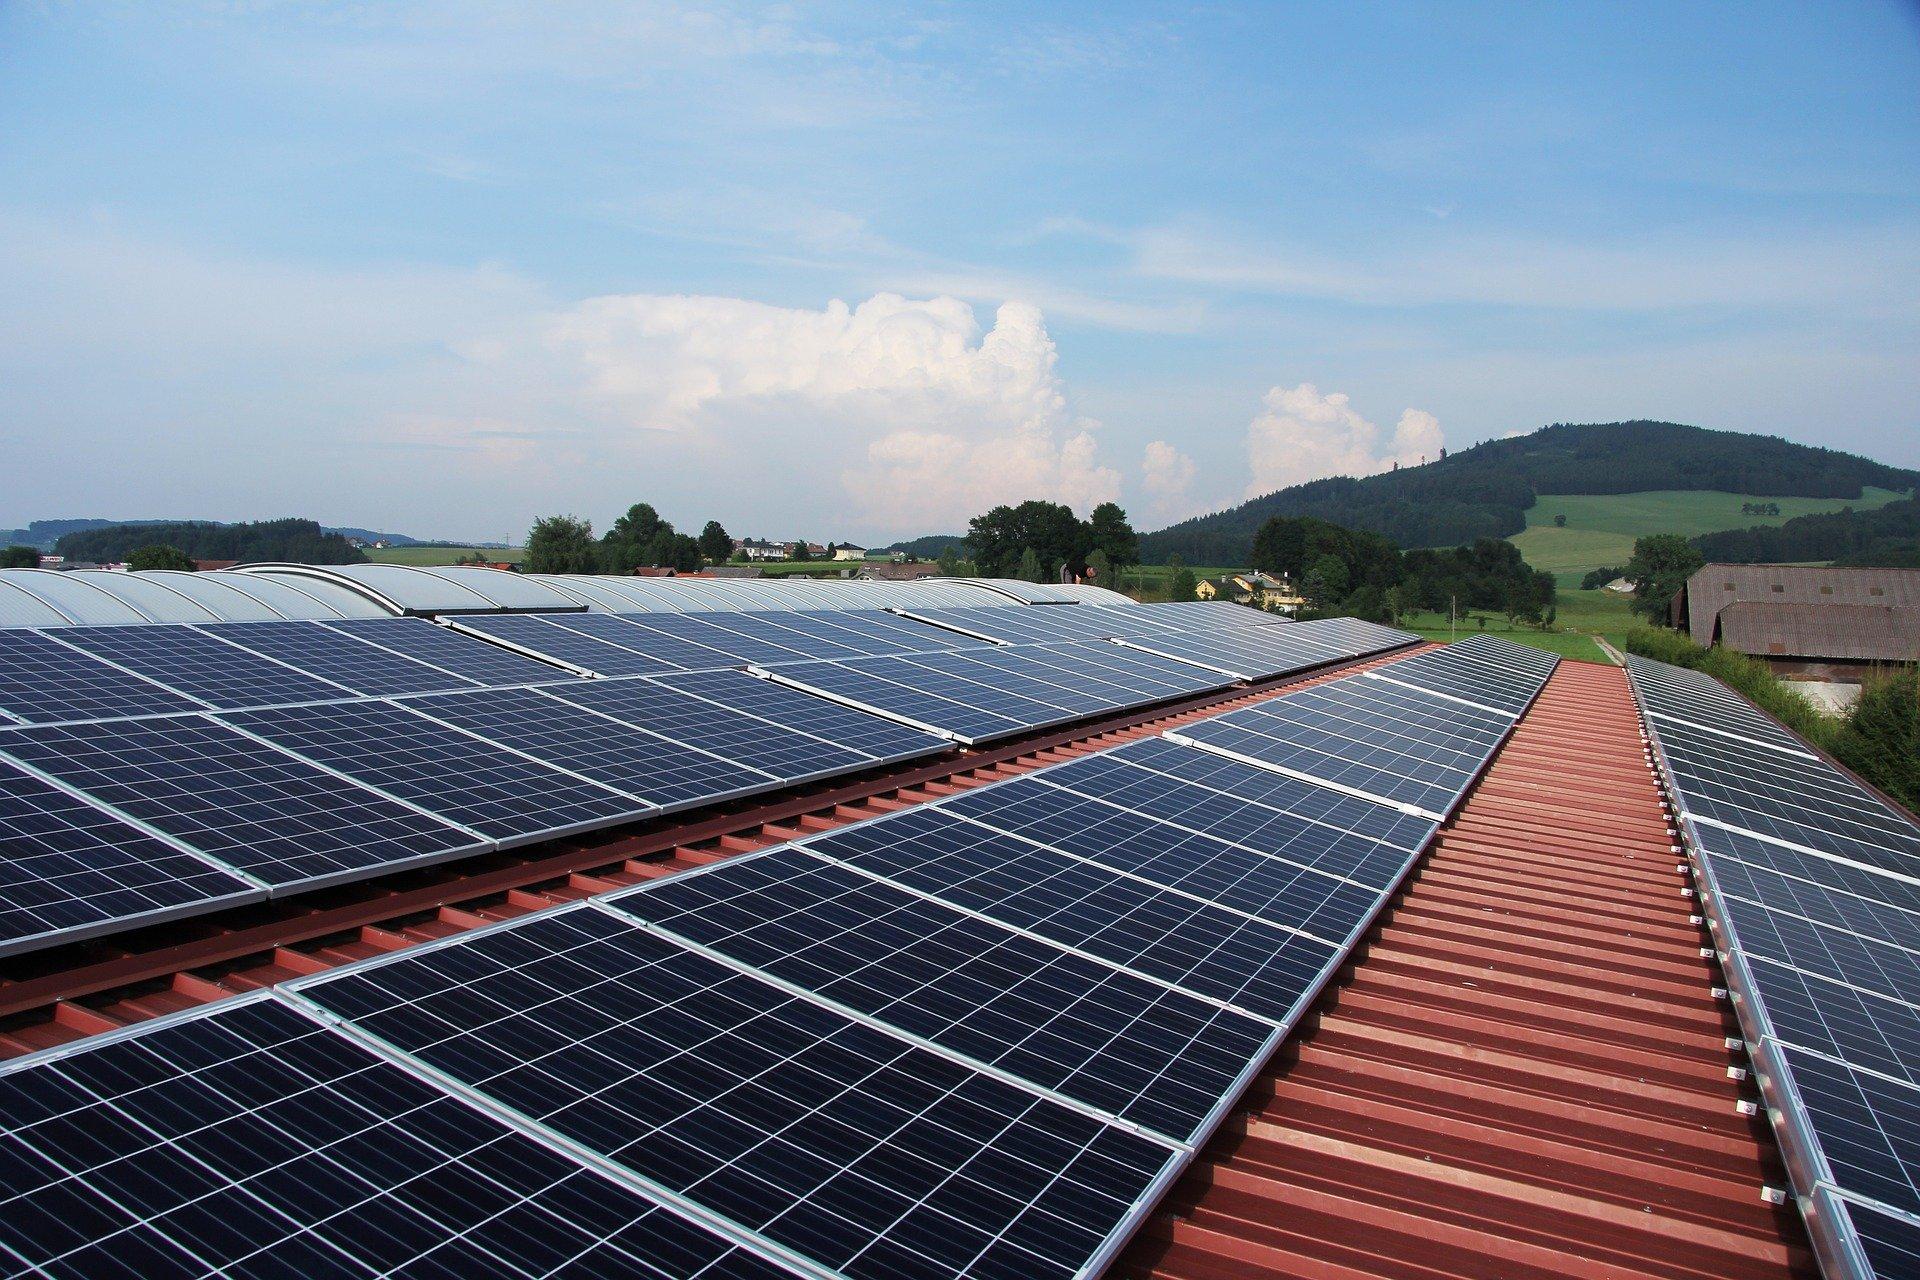 Obrázek: Noční solární panely? Vědci slibují ekologické nabití elektromobilů přes noc